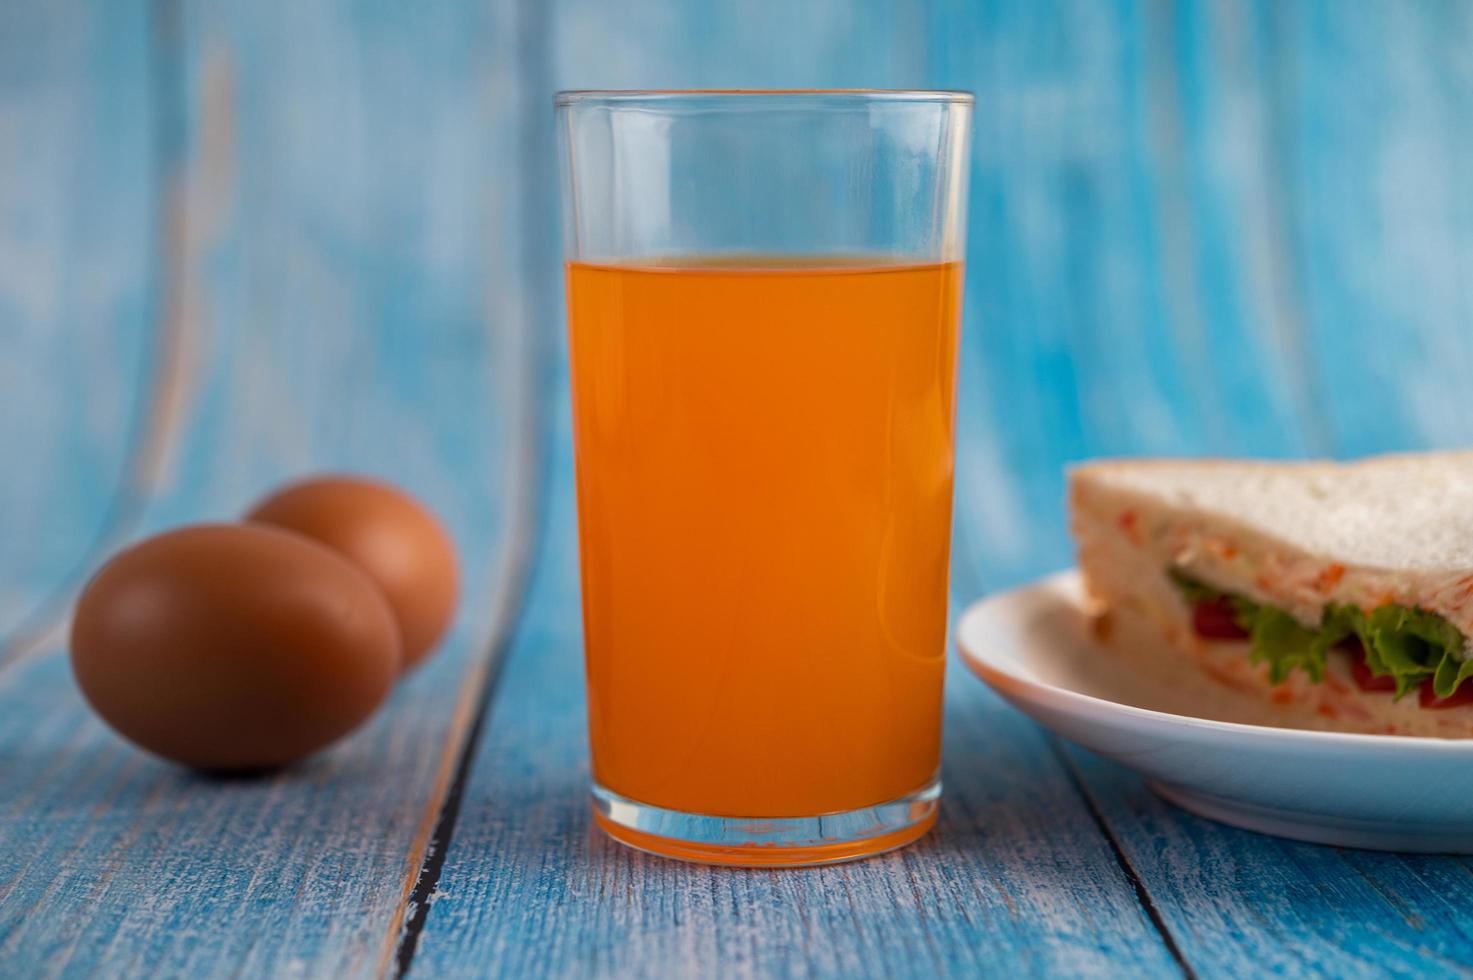 panini e succo d'arancia sulla tavola di legno blu foto